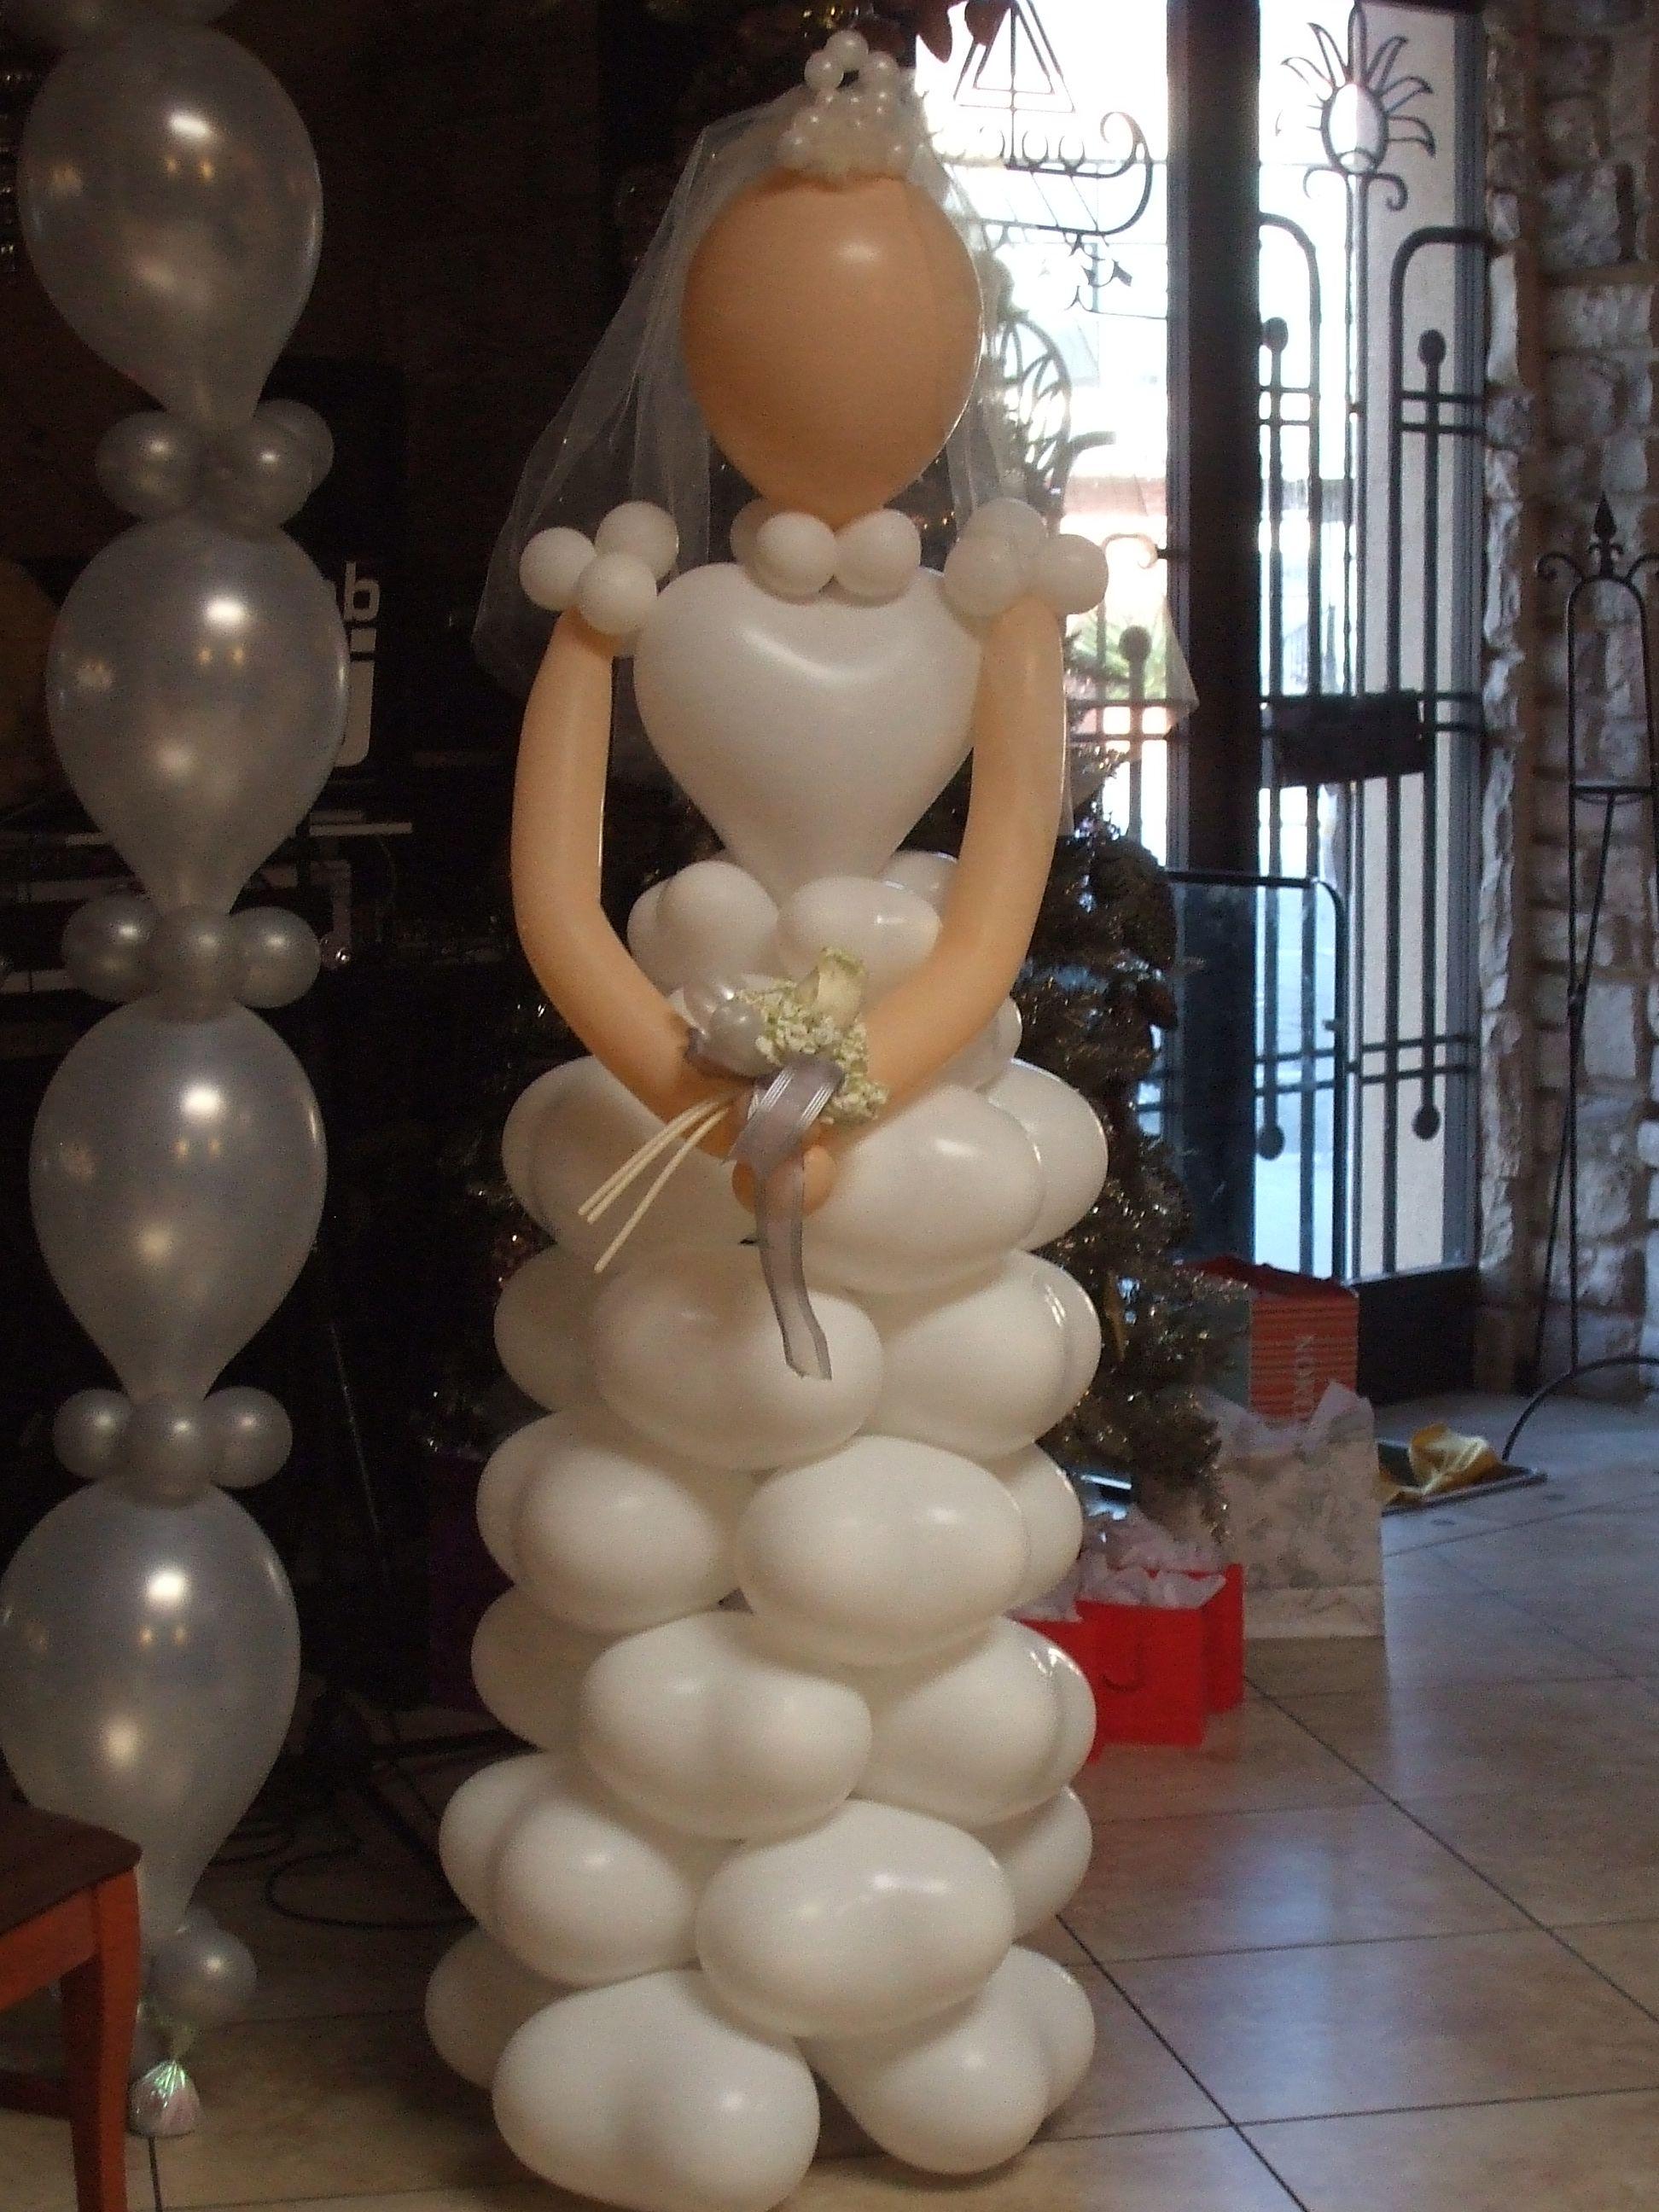 cute bride balloon for a bridal shower